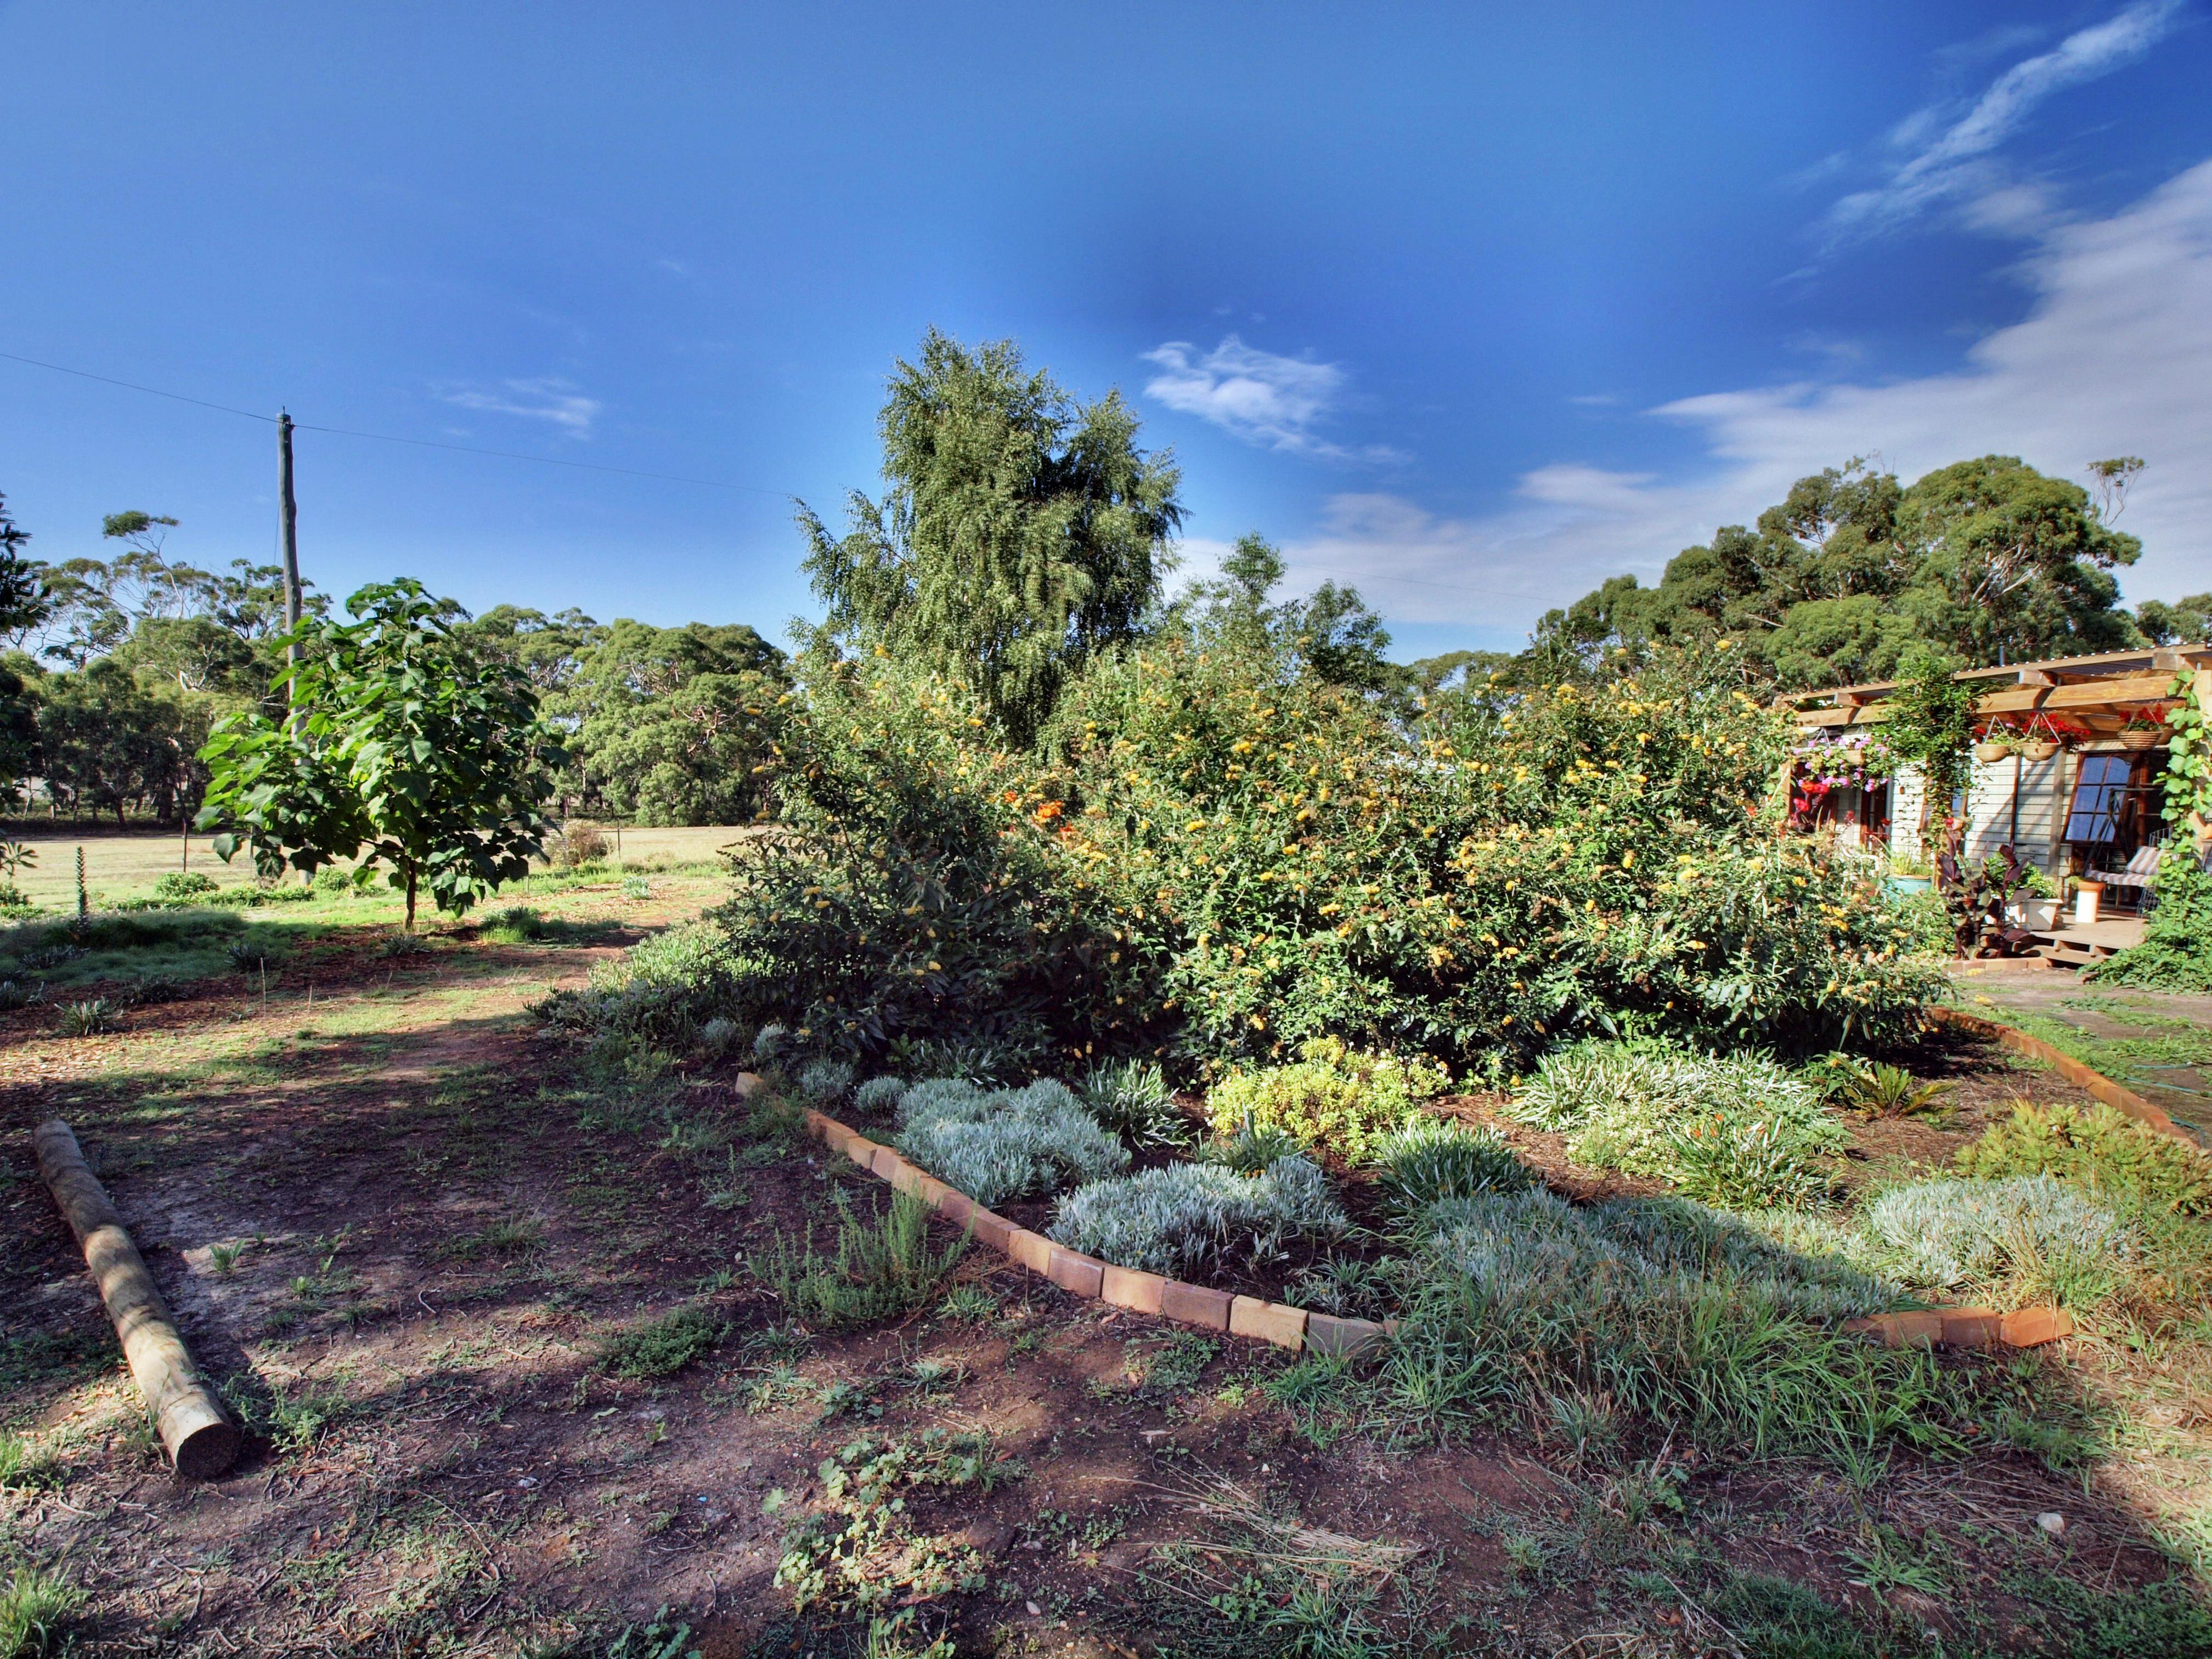 garden-ne-b.HDR.jpeg